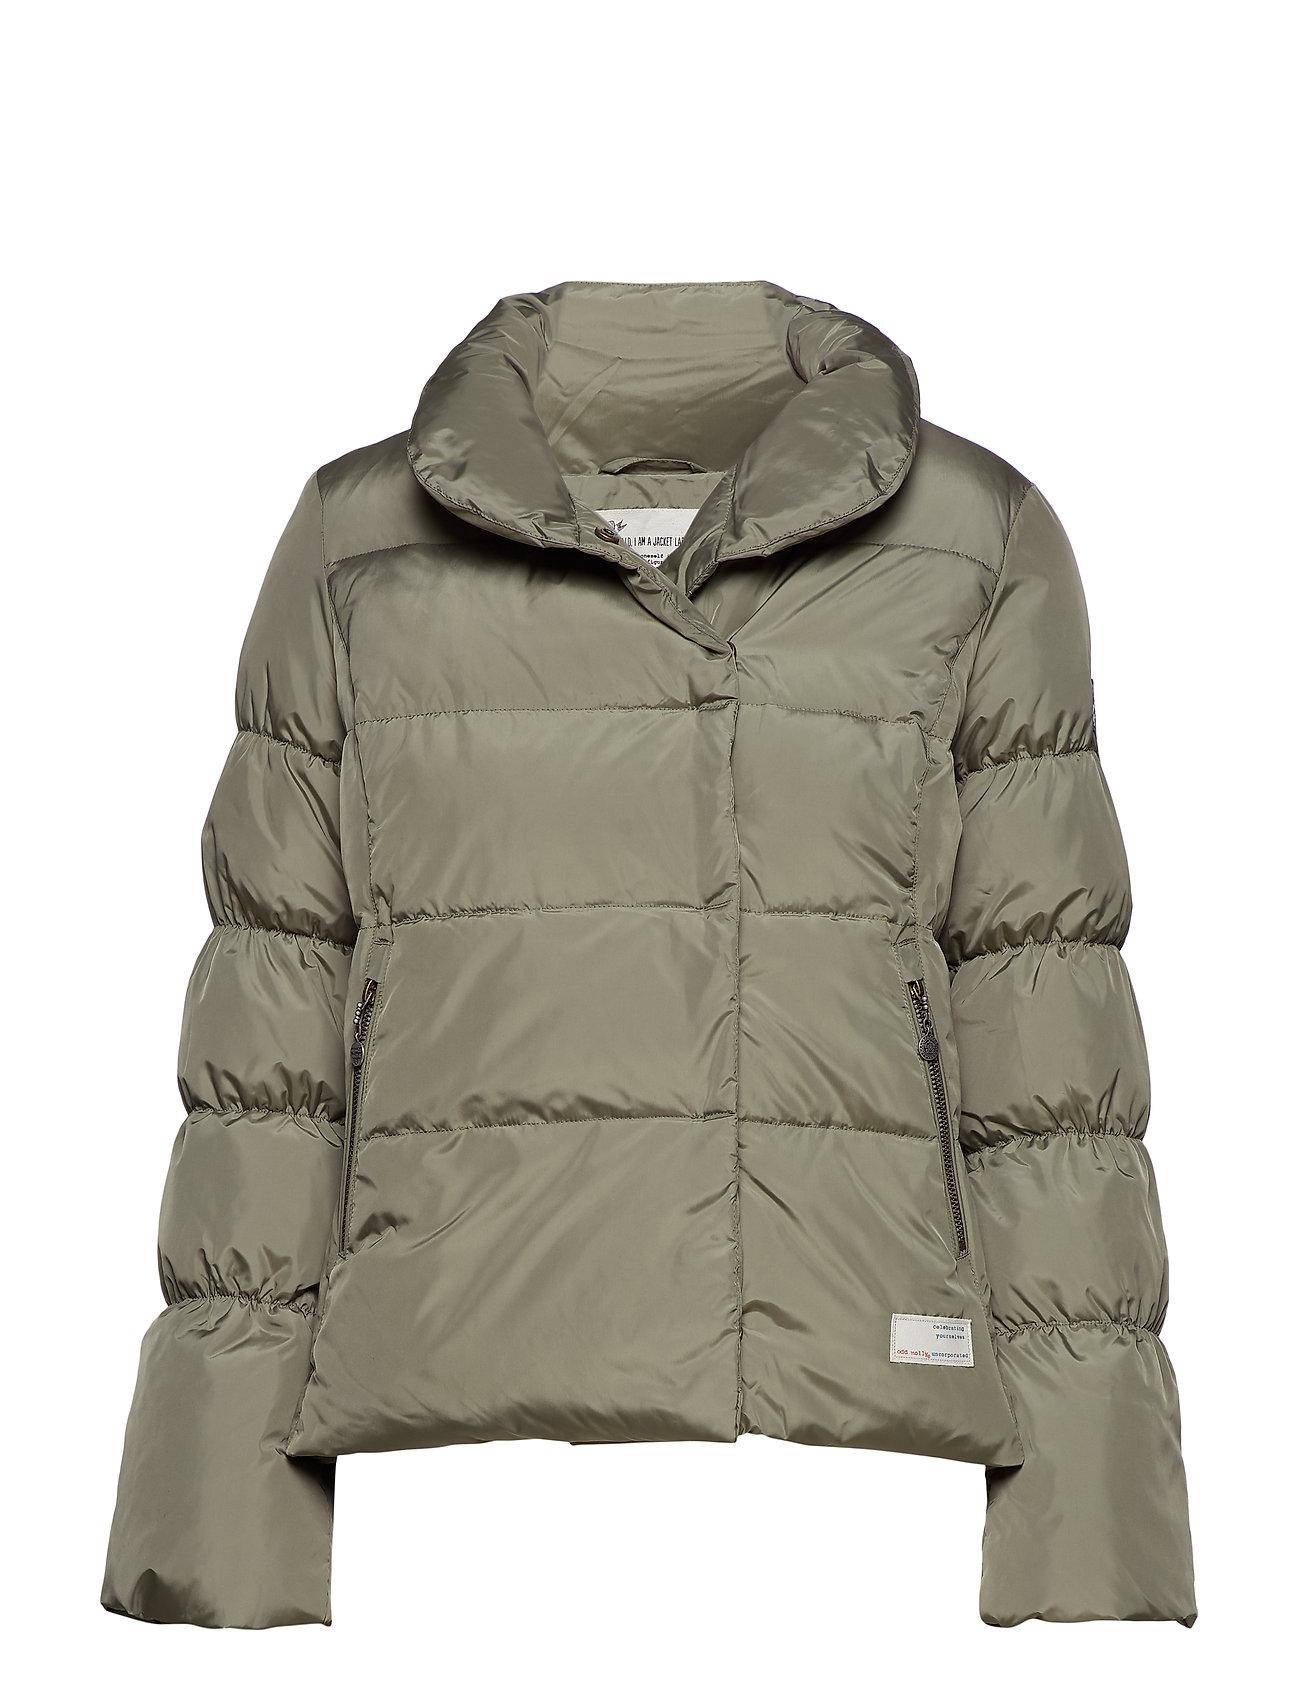 ODD MOLLY downbeat jacket